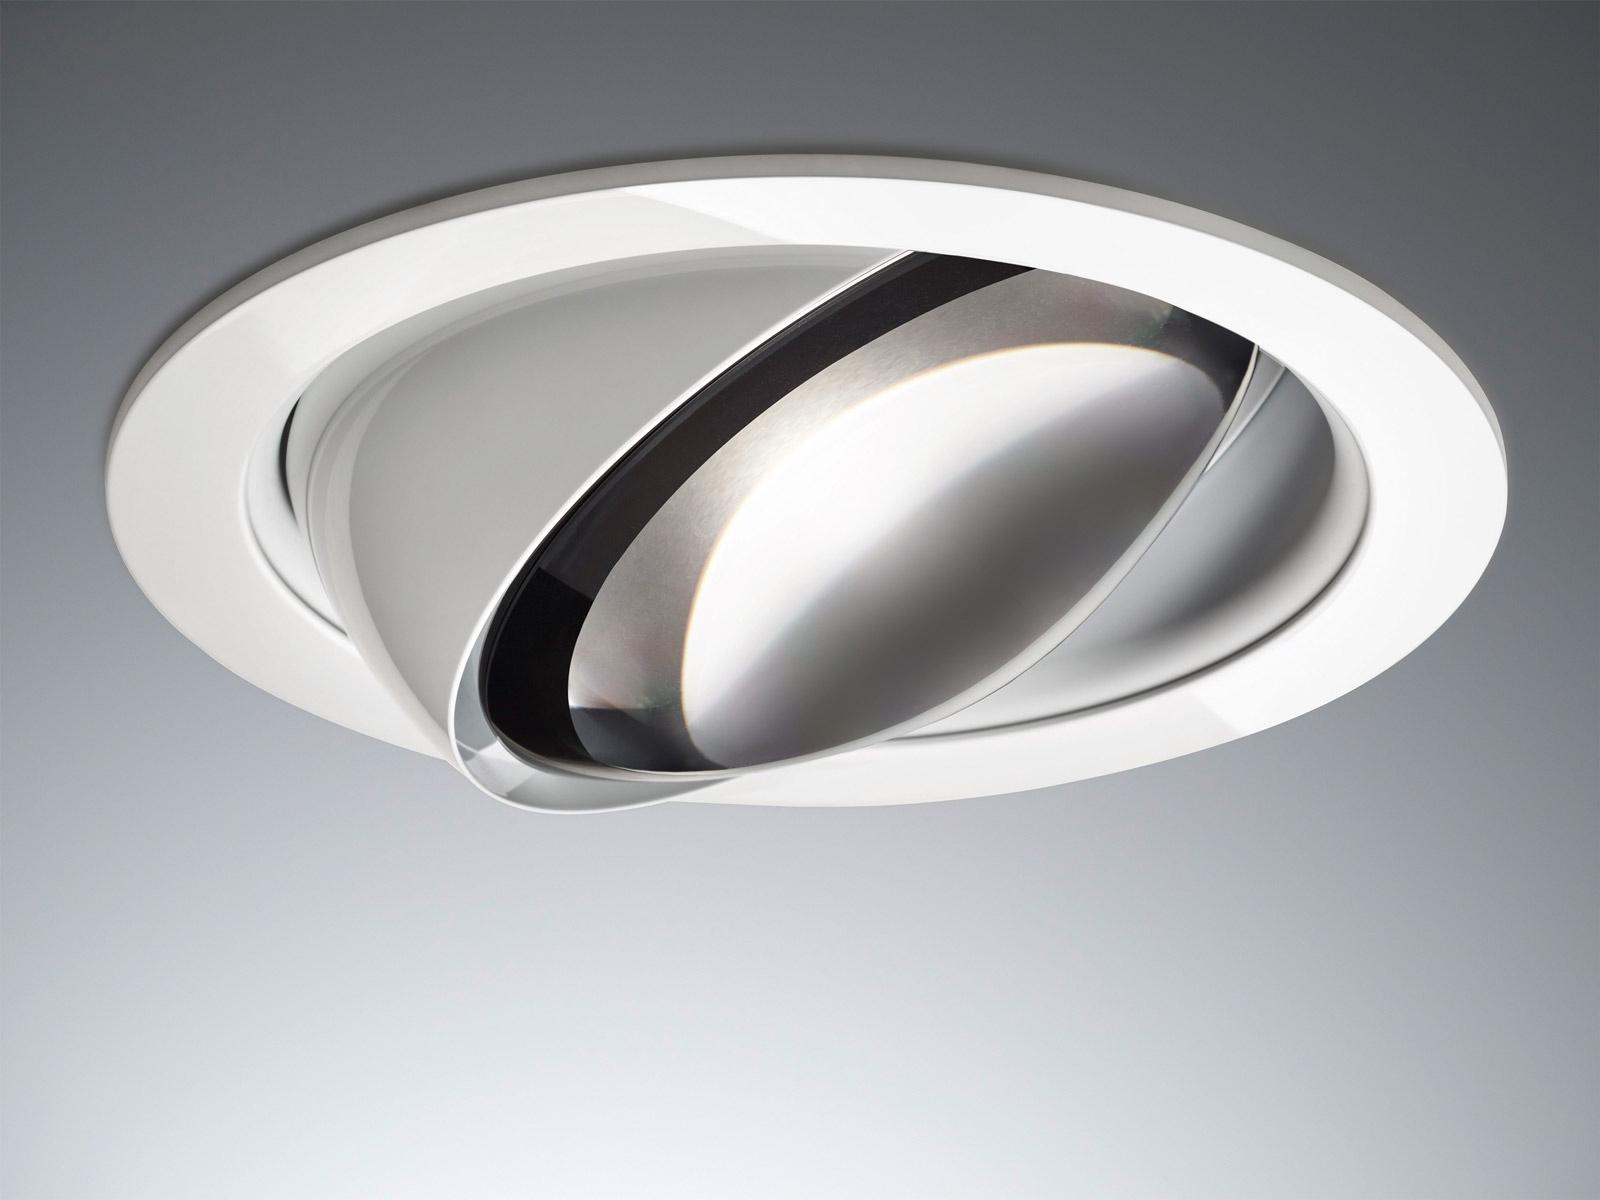 <h1>Occhio - när det måste vara perfekt</h1><h4>Occhios serie Più Plus förenar genomtänkt design, hög ljuskvalitet och perfekt produktfinish. Klicka på pilen nedan så hittar du inspiration och fler produkter från Occhio.</h4>